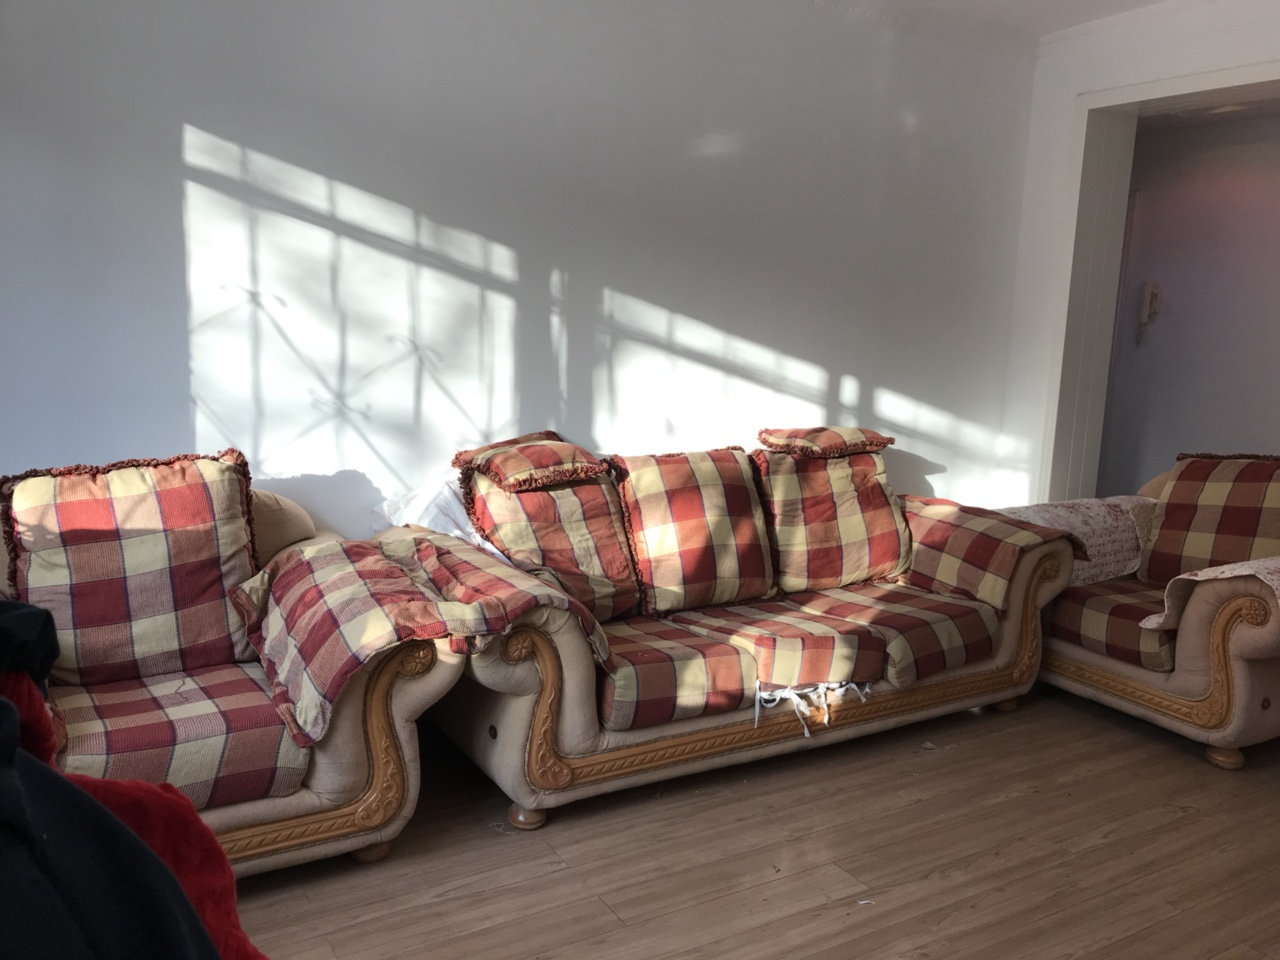 5大组合。适合大老板接待会客厅,房间大的适合,小房间放不下,此沙发是高档沙发,高档木材,不是市场上钉...